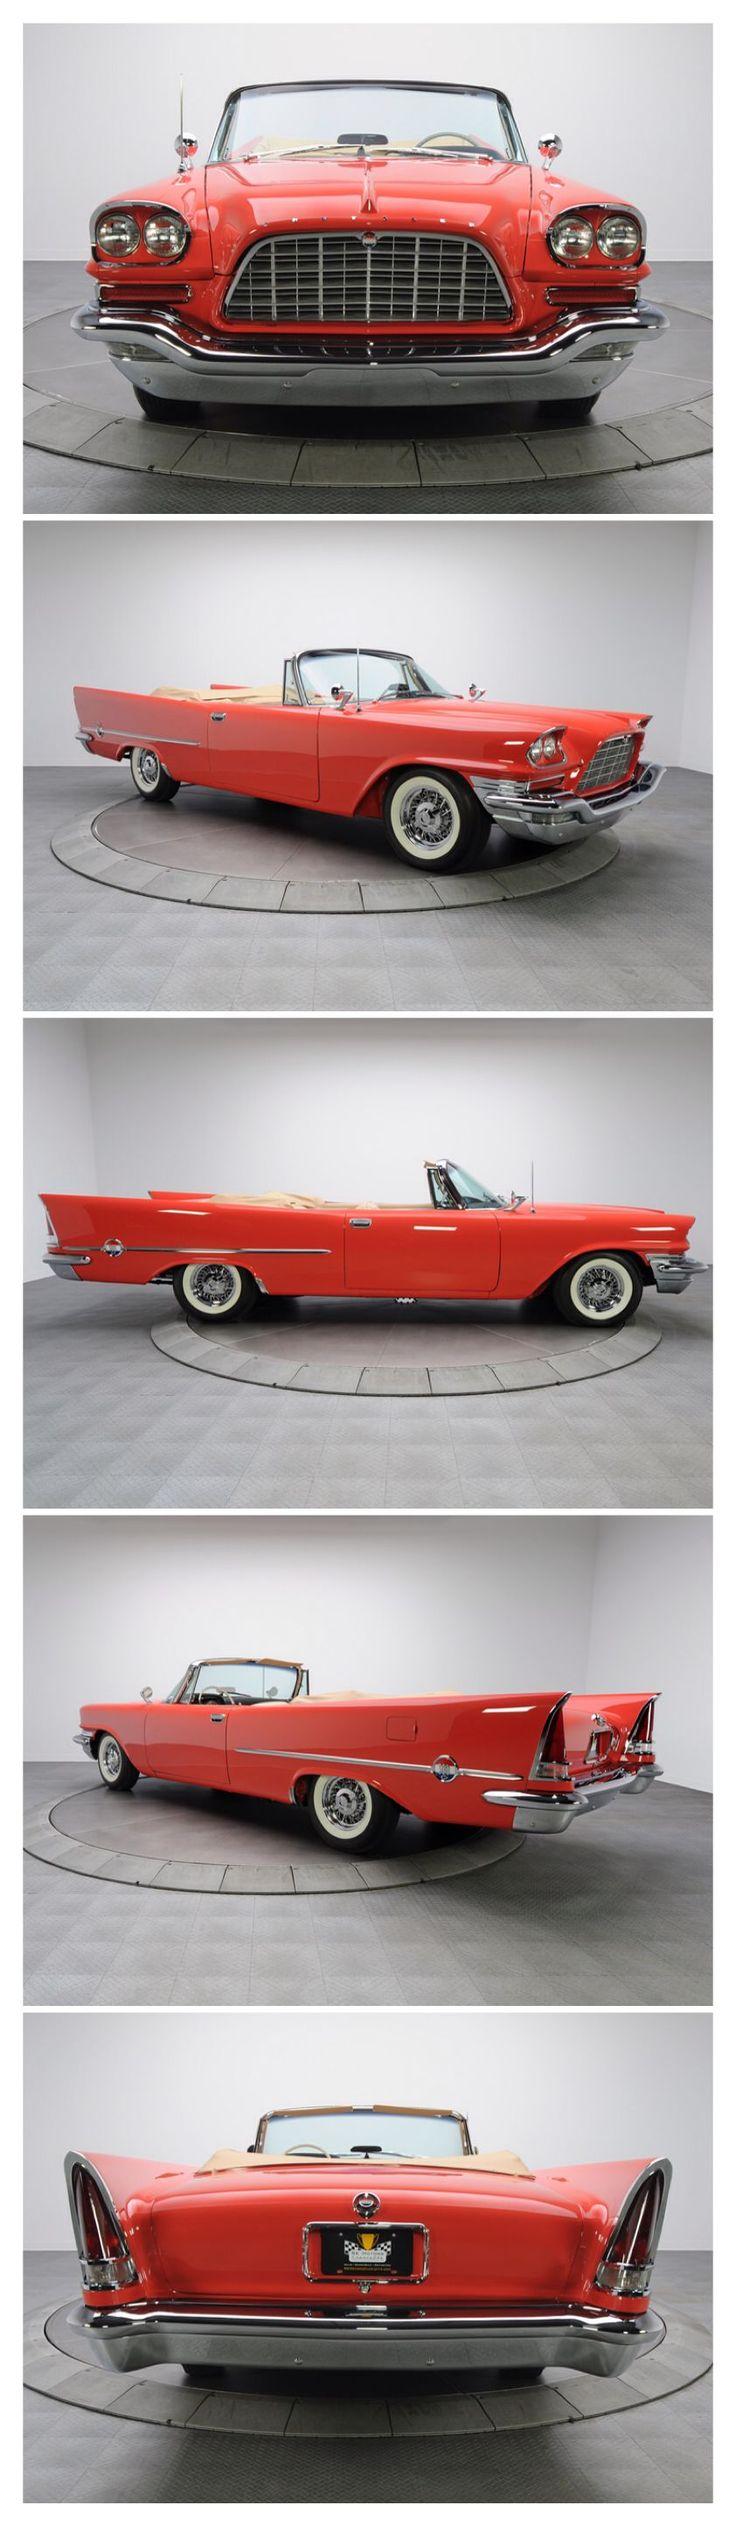 1957 Chrysler 300C Hemi rethinkcarbuying.com